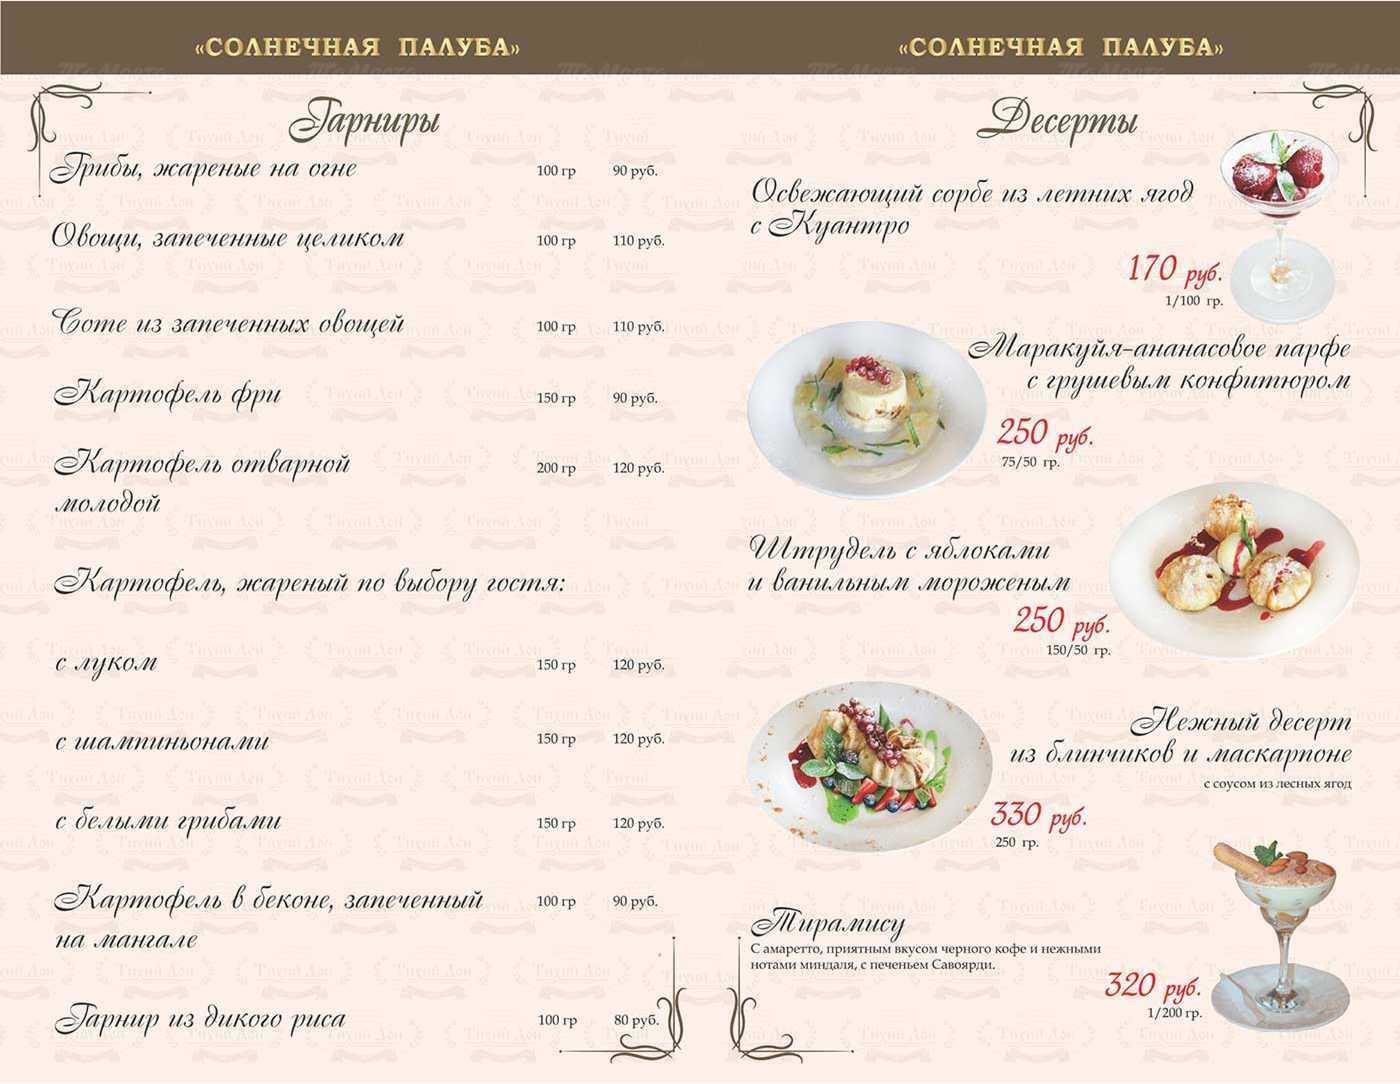 Меню ресторана Тихий Дон в Береговой фото 42